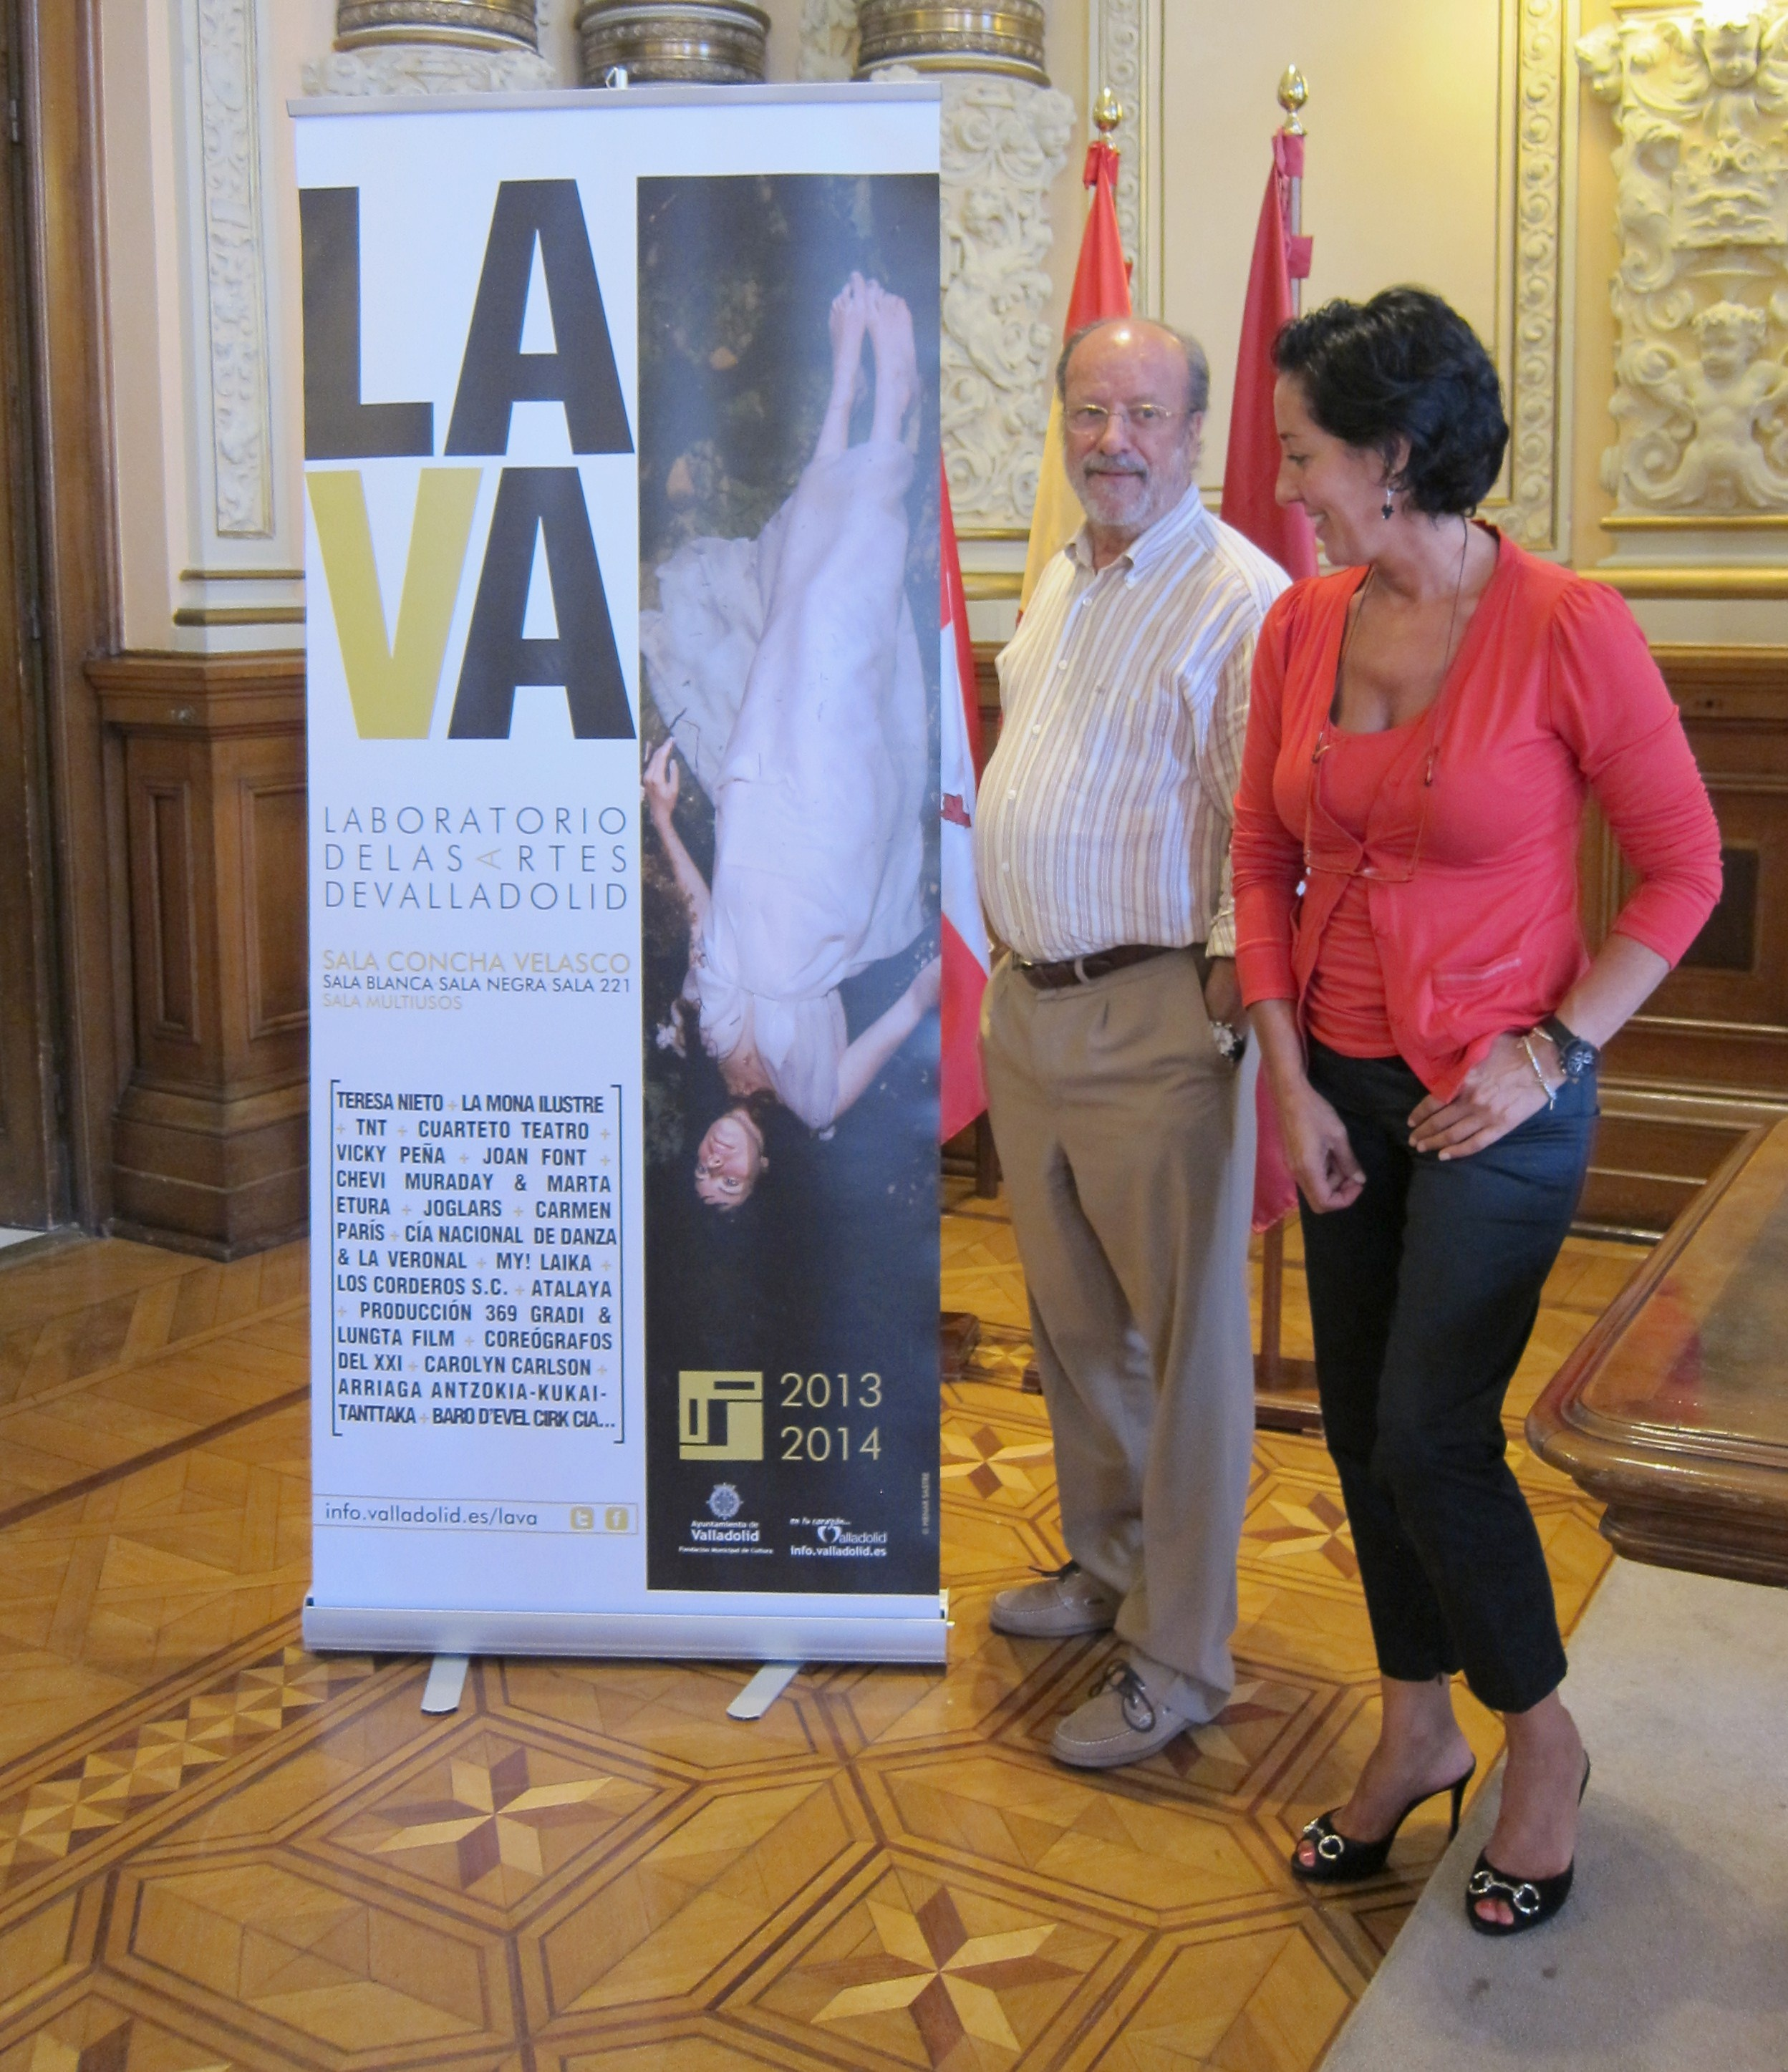 Un total de 18 compañías llenará de teatro, danza, circo y música el Laboratorio de las Artes de Valladolid en 2013/14